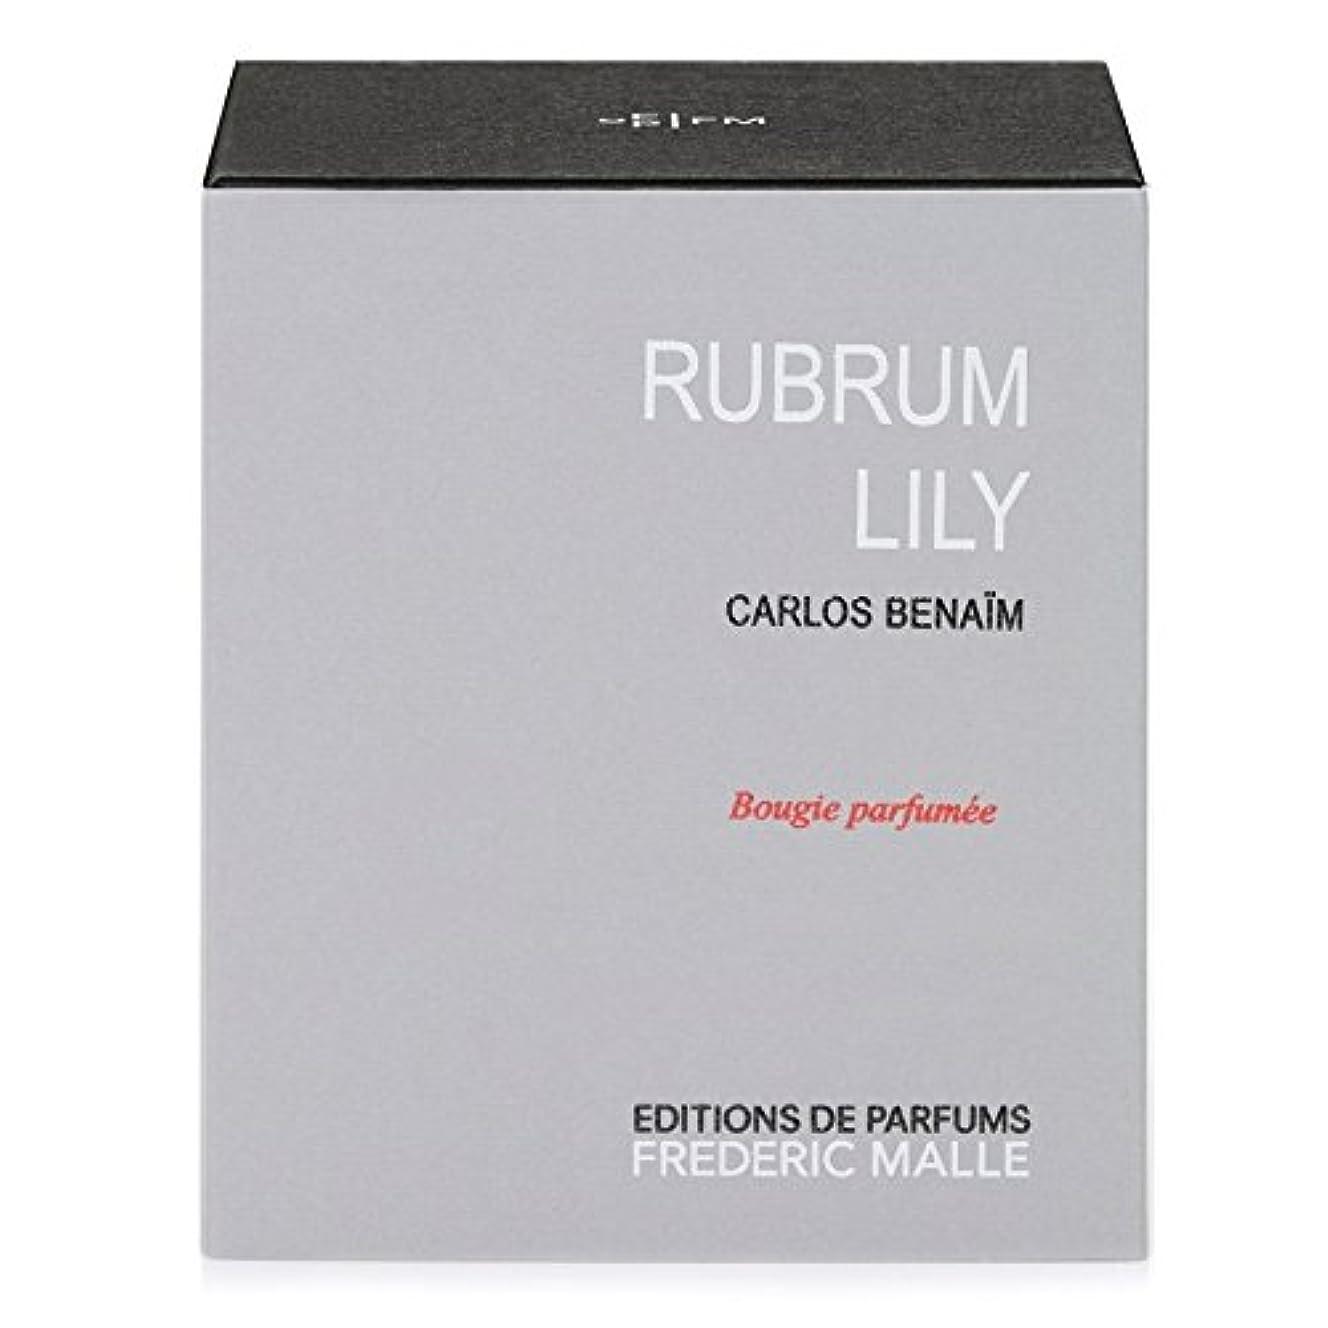 パンツロケットみなすFrederic Malle Rubrum Lily Scented Candle - フレデリック?マルルブルムユリの香りのキャンドル [並行輸入品]